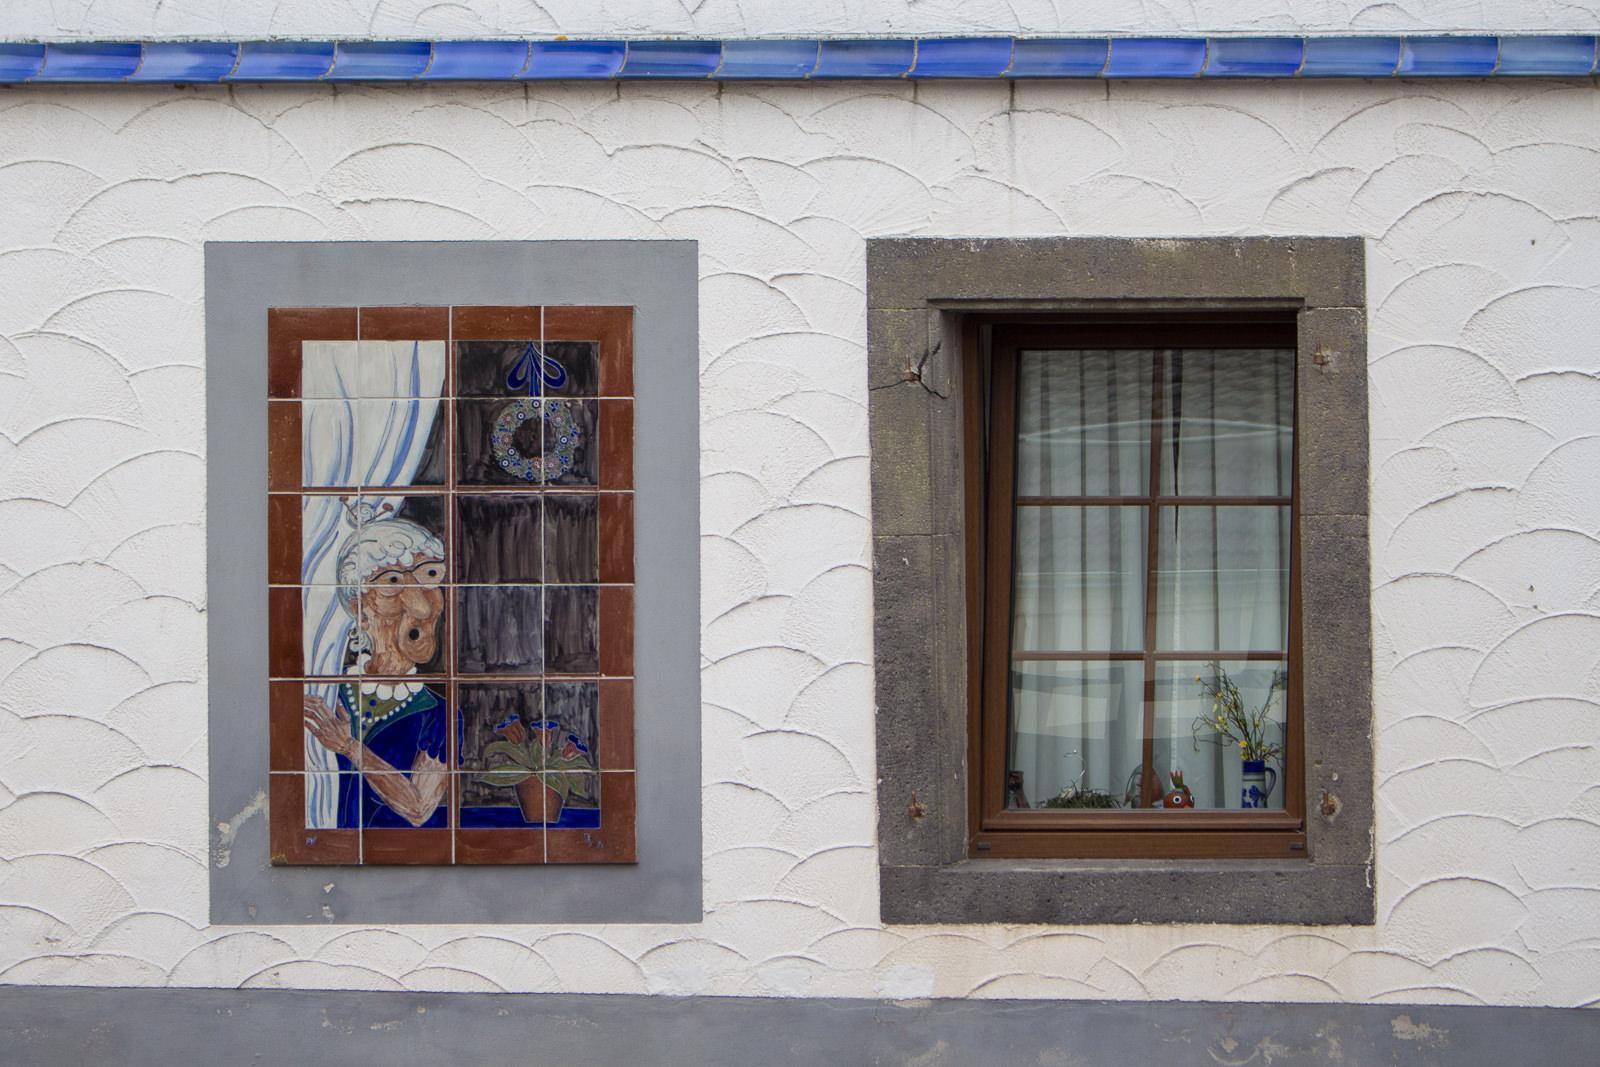 kannenbäckerland, #visitkeramik, Höhr-Grenzhausen, #RLPerleben, Ton, Keramik, Keramikkunst, Künstler, Manufaktur, Töpfern,Kunst